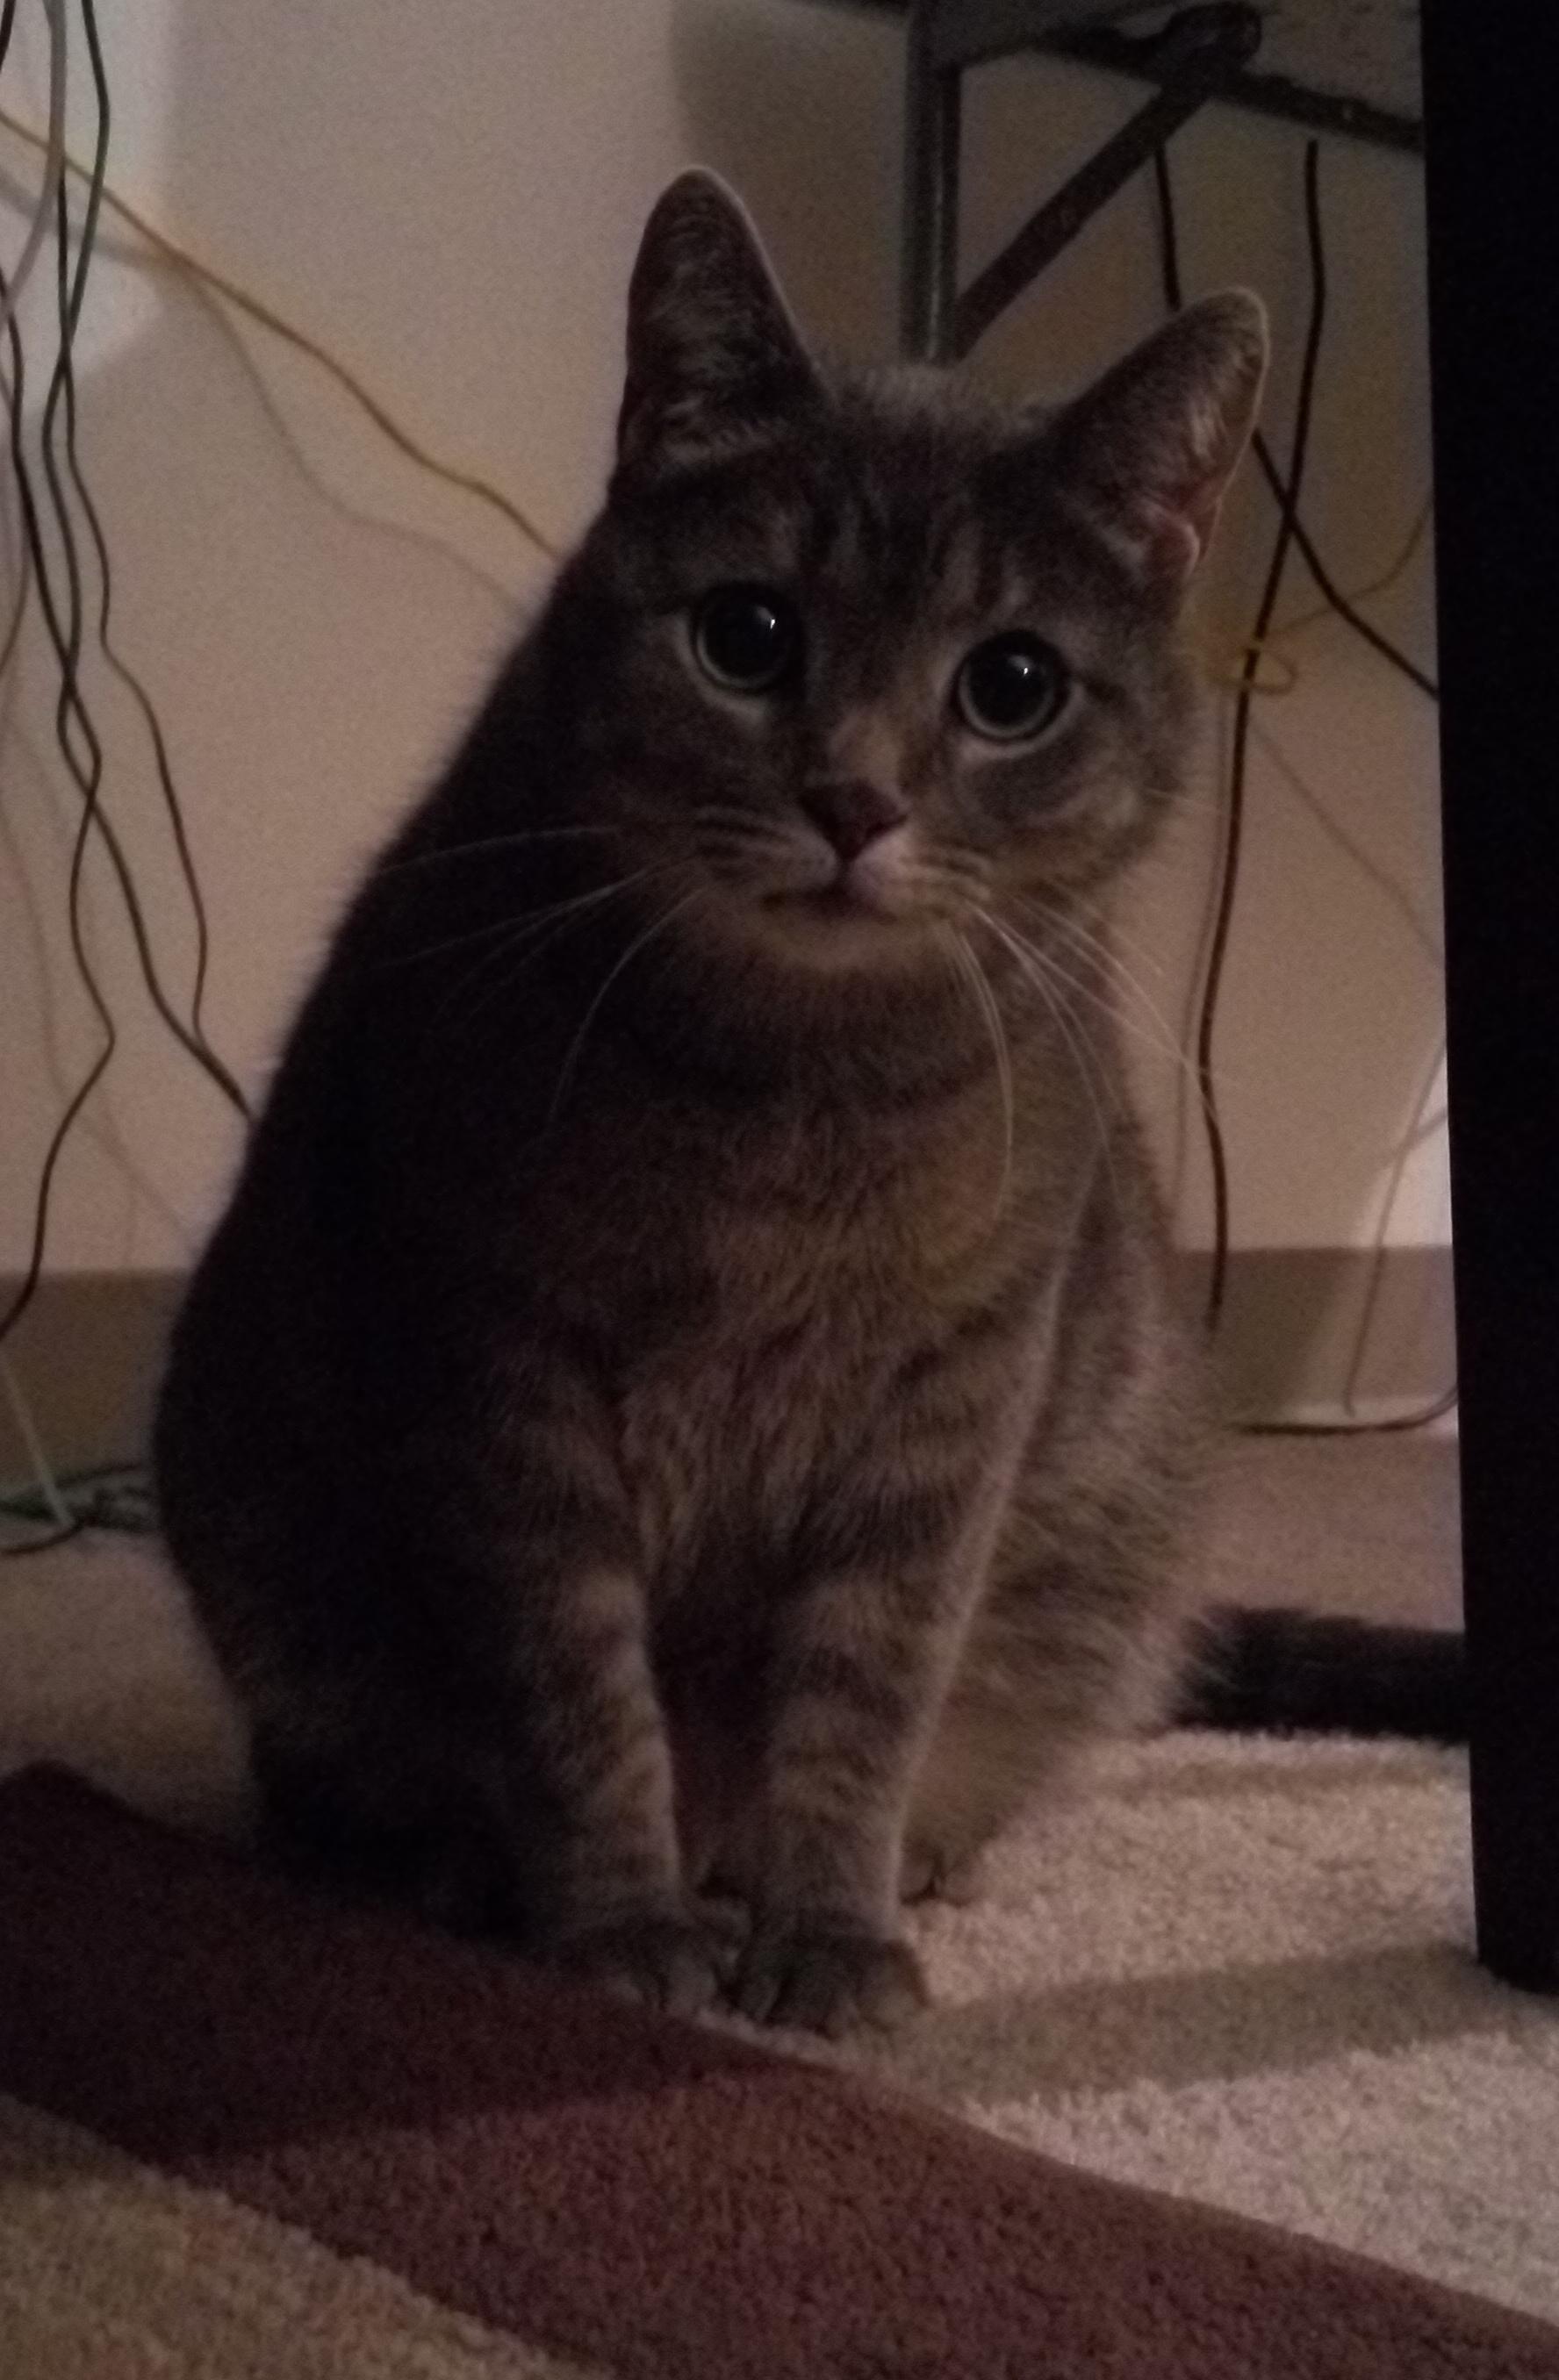 adoptable Cat in Fremont,NE named Heinrich